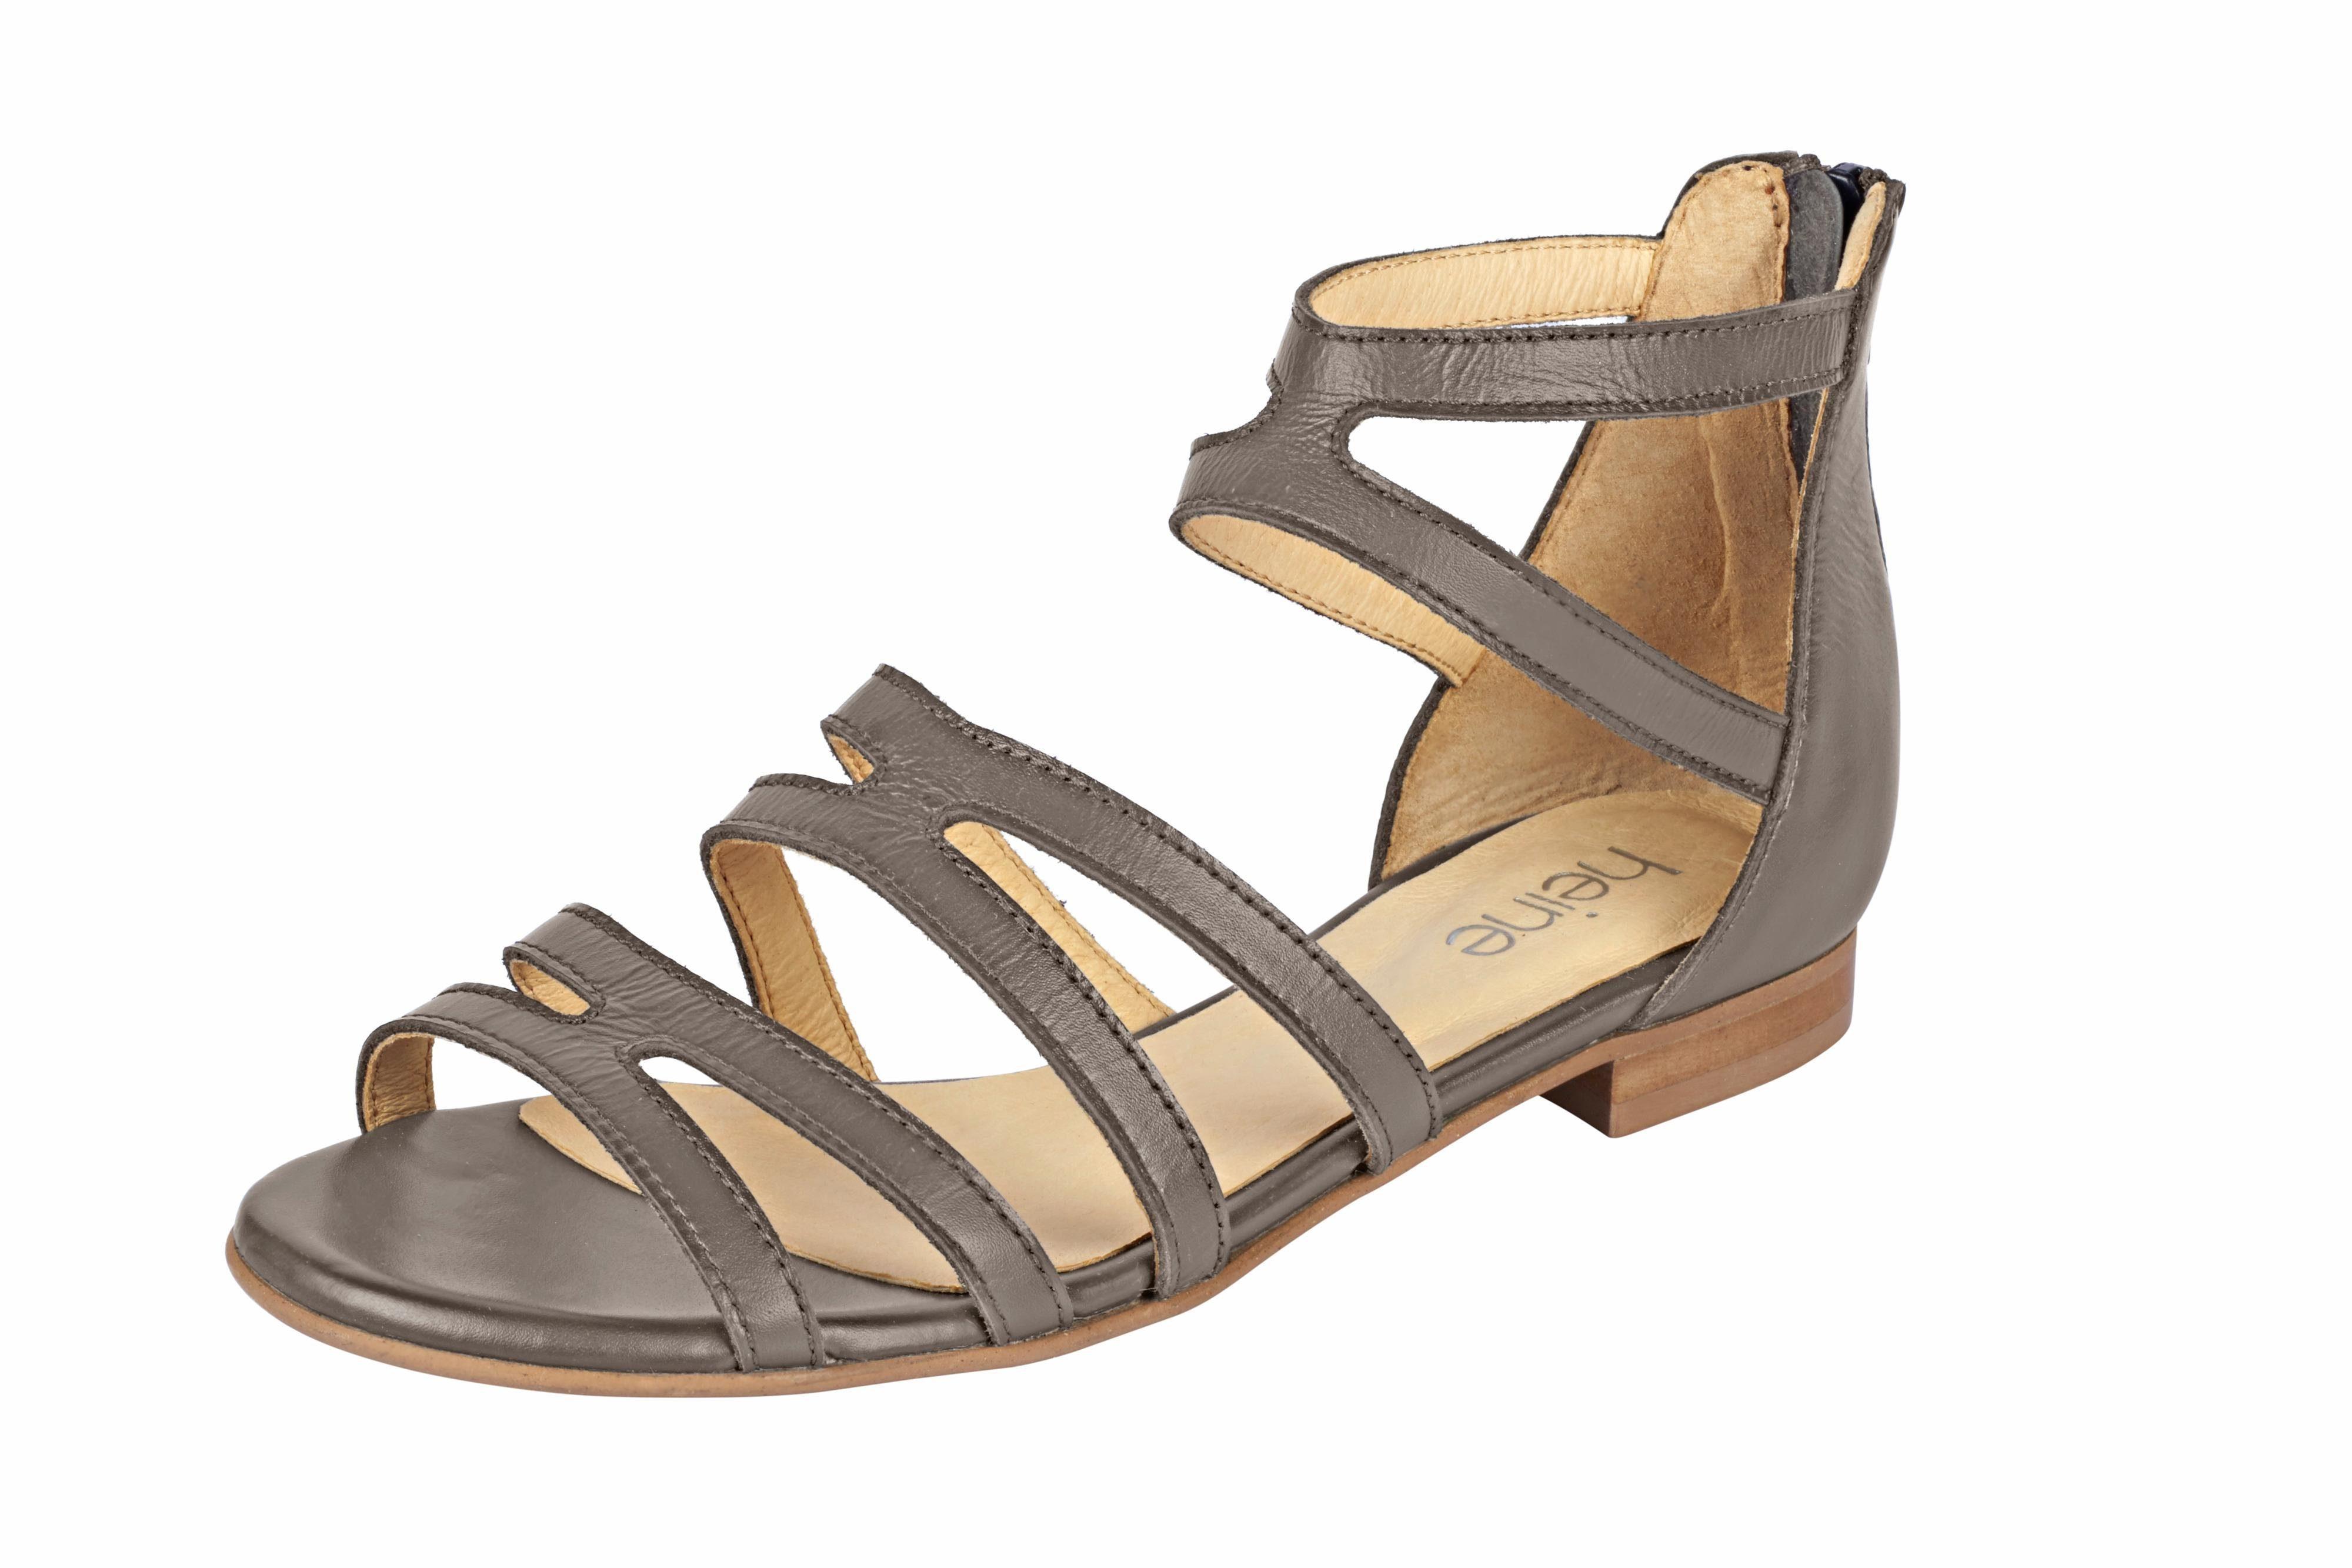 Heine Sandalette mit Fesselriemchen online kaufen  taupe